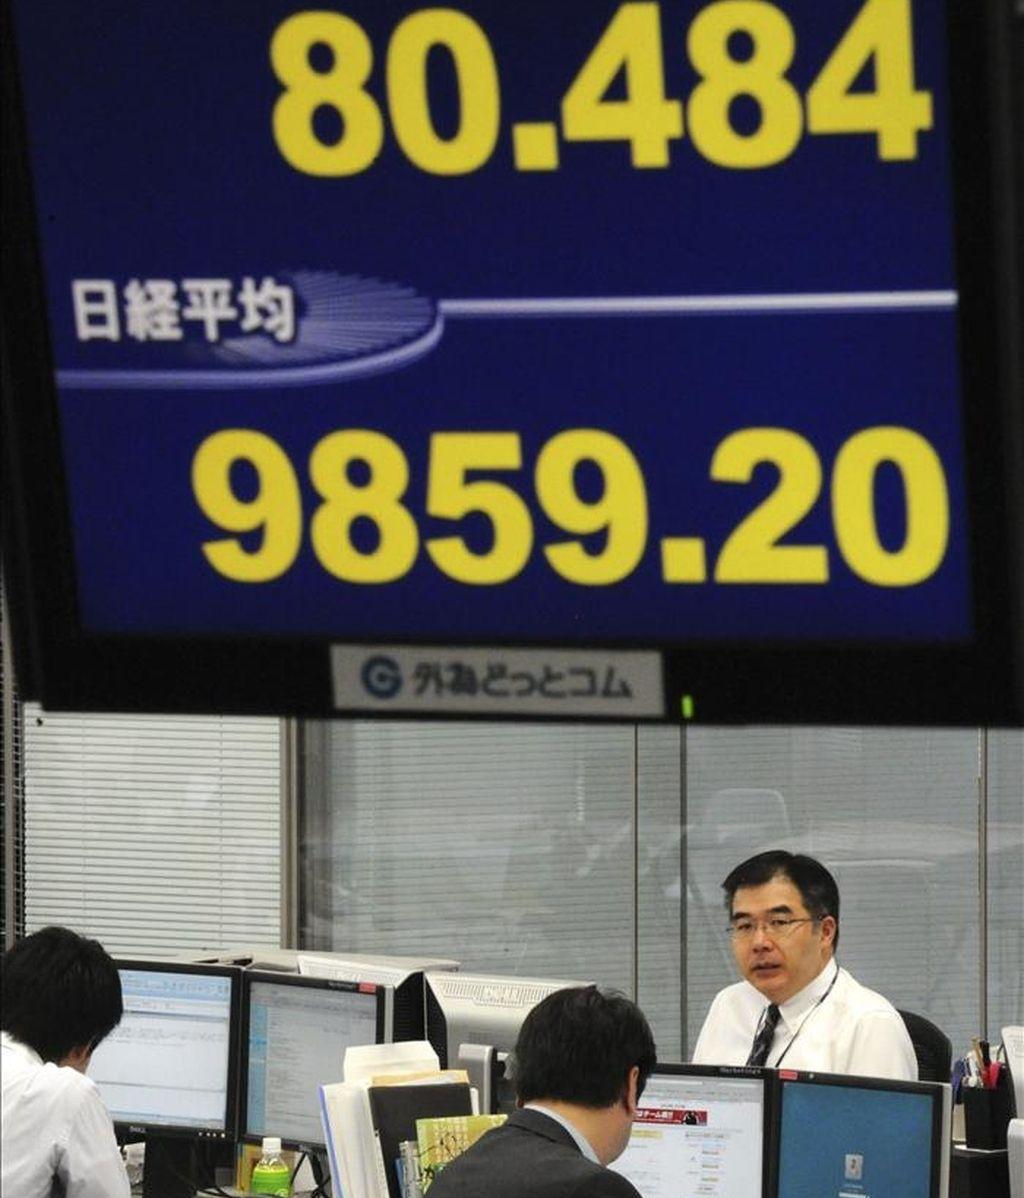 Detalle de una pantalla en una oficina de la capital nipona, que muestra el resultado del índice Nikkei de la Bolsa de Tokio (Japón). EFE/Archivo